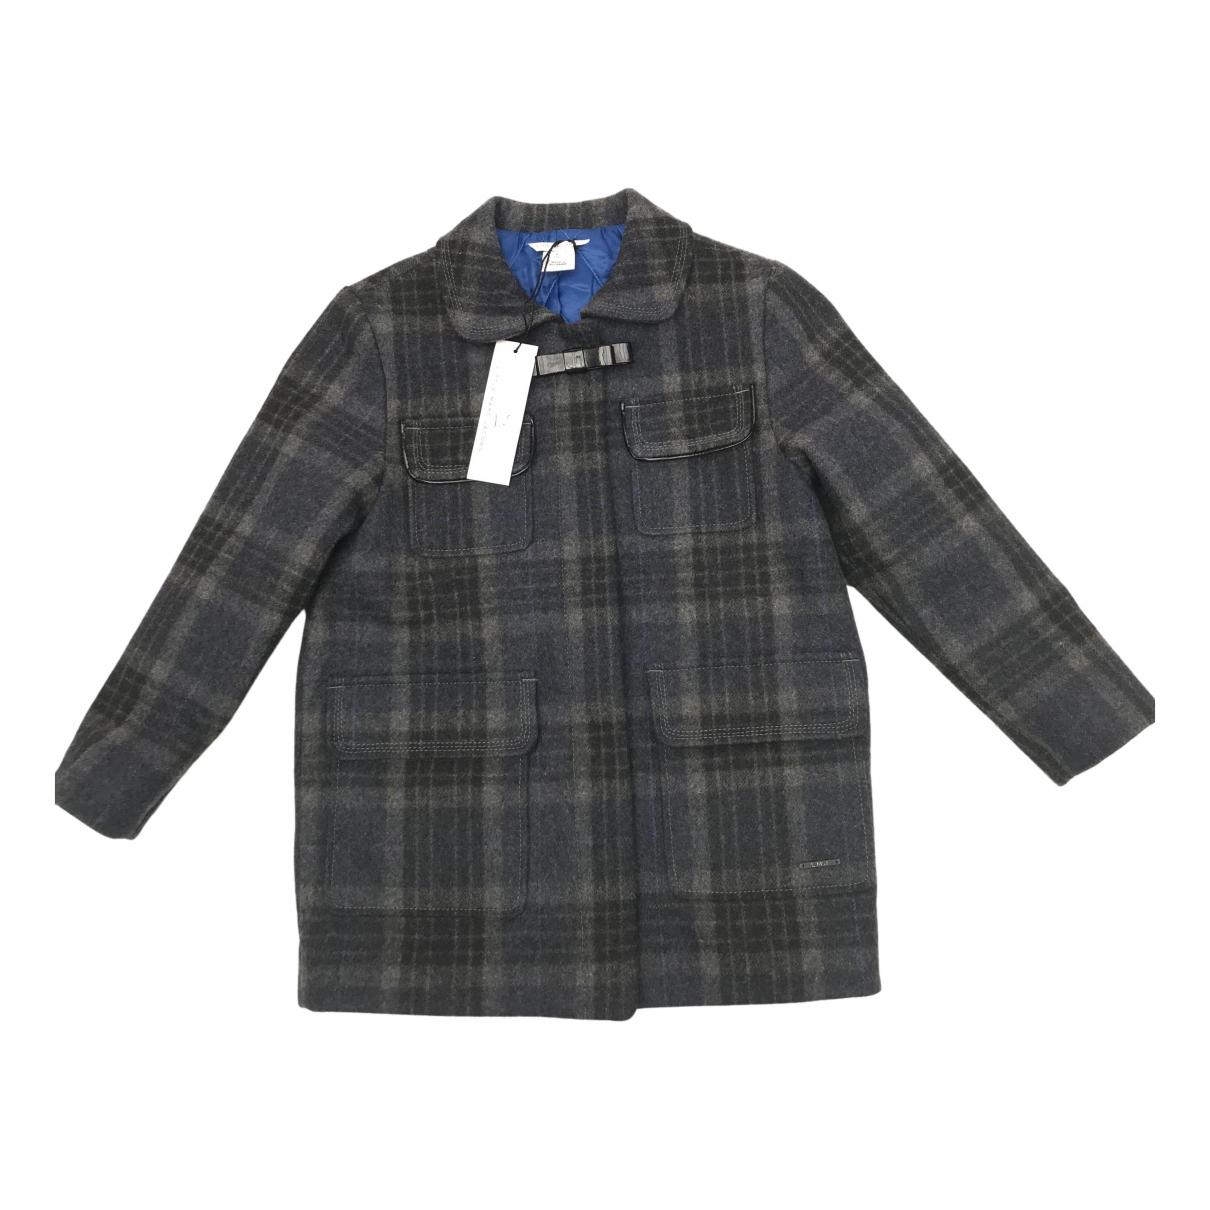 Little Marc Jacobs \N Jacke, Maentel in  Grau Wolle